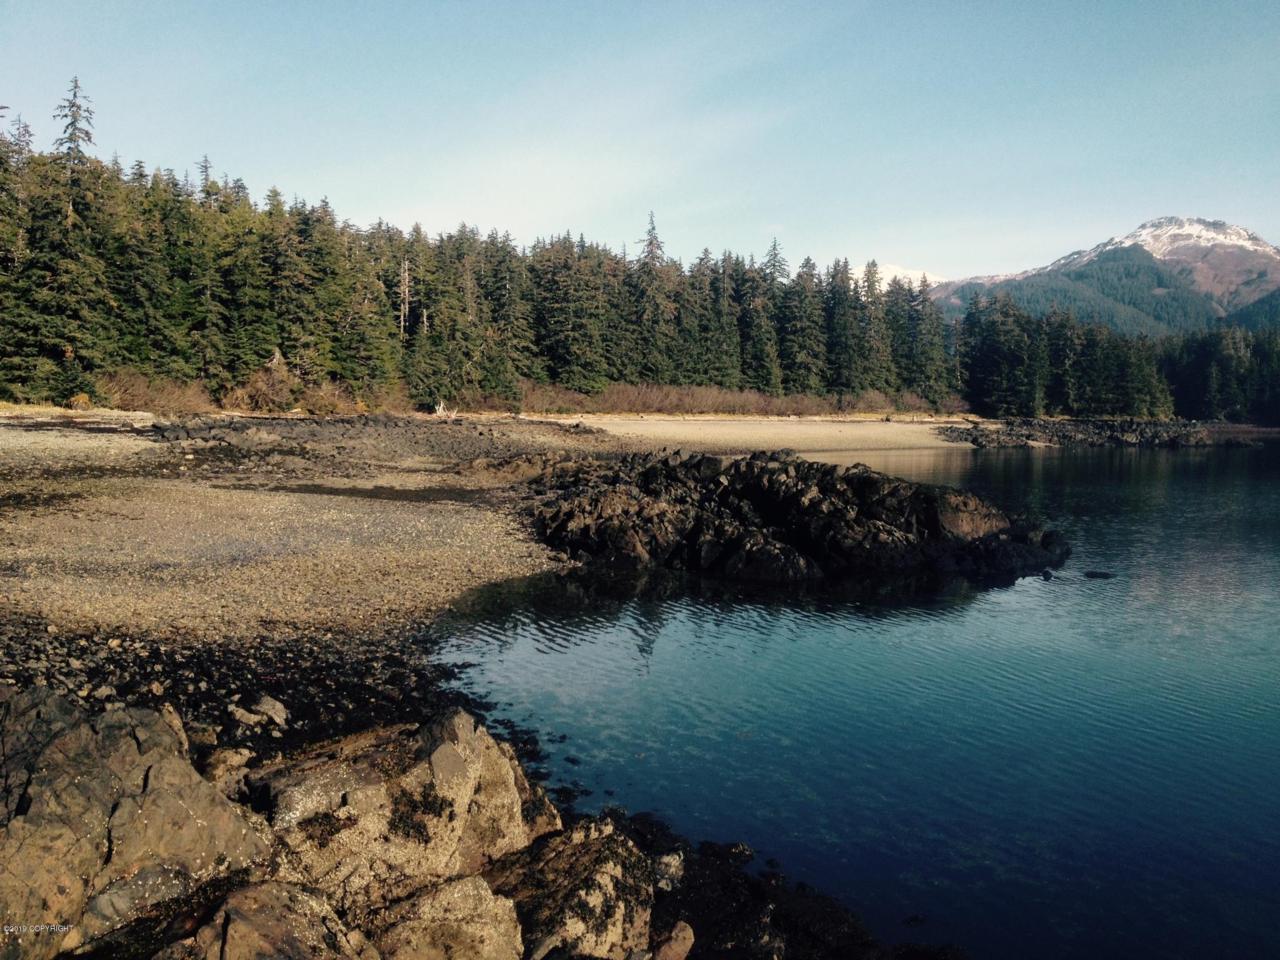 000 Freshwater Bay Hoonah Ak 99829 Mls 19 1150 Rmg Real